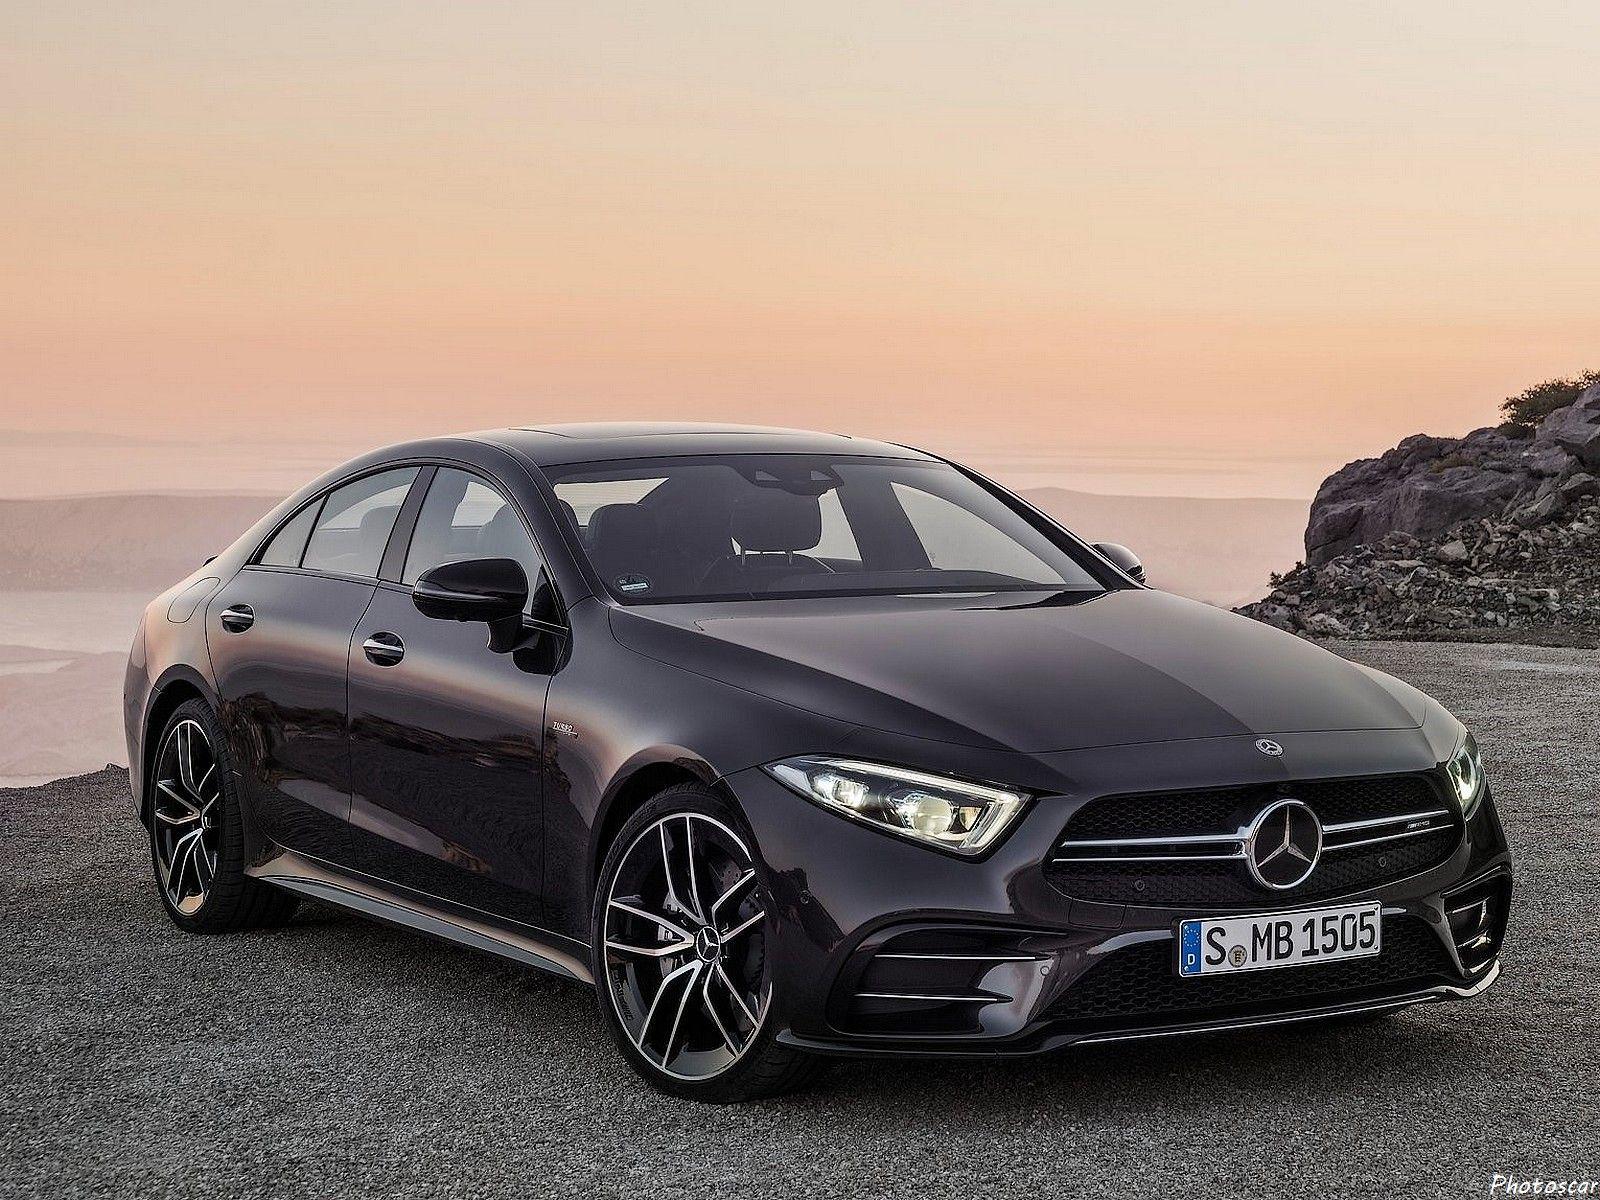 Mercedes Amg Cls 53 2019 Interieur Luxueux Et Des Sieges Sur Mesure Mercedes Cabriolet Mercedes Cls Mercedes Benz Amg